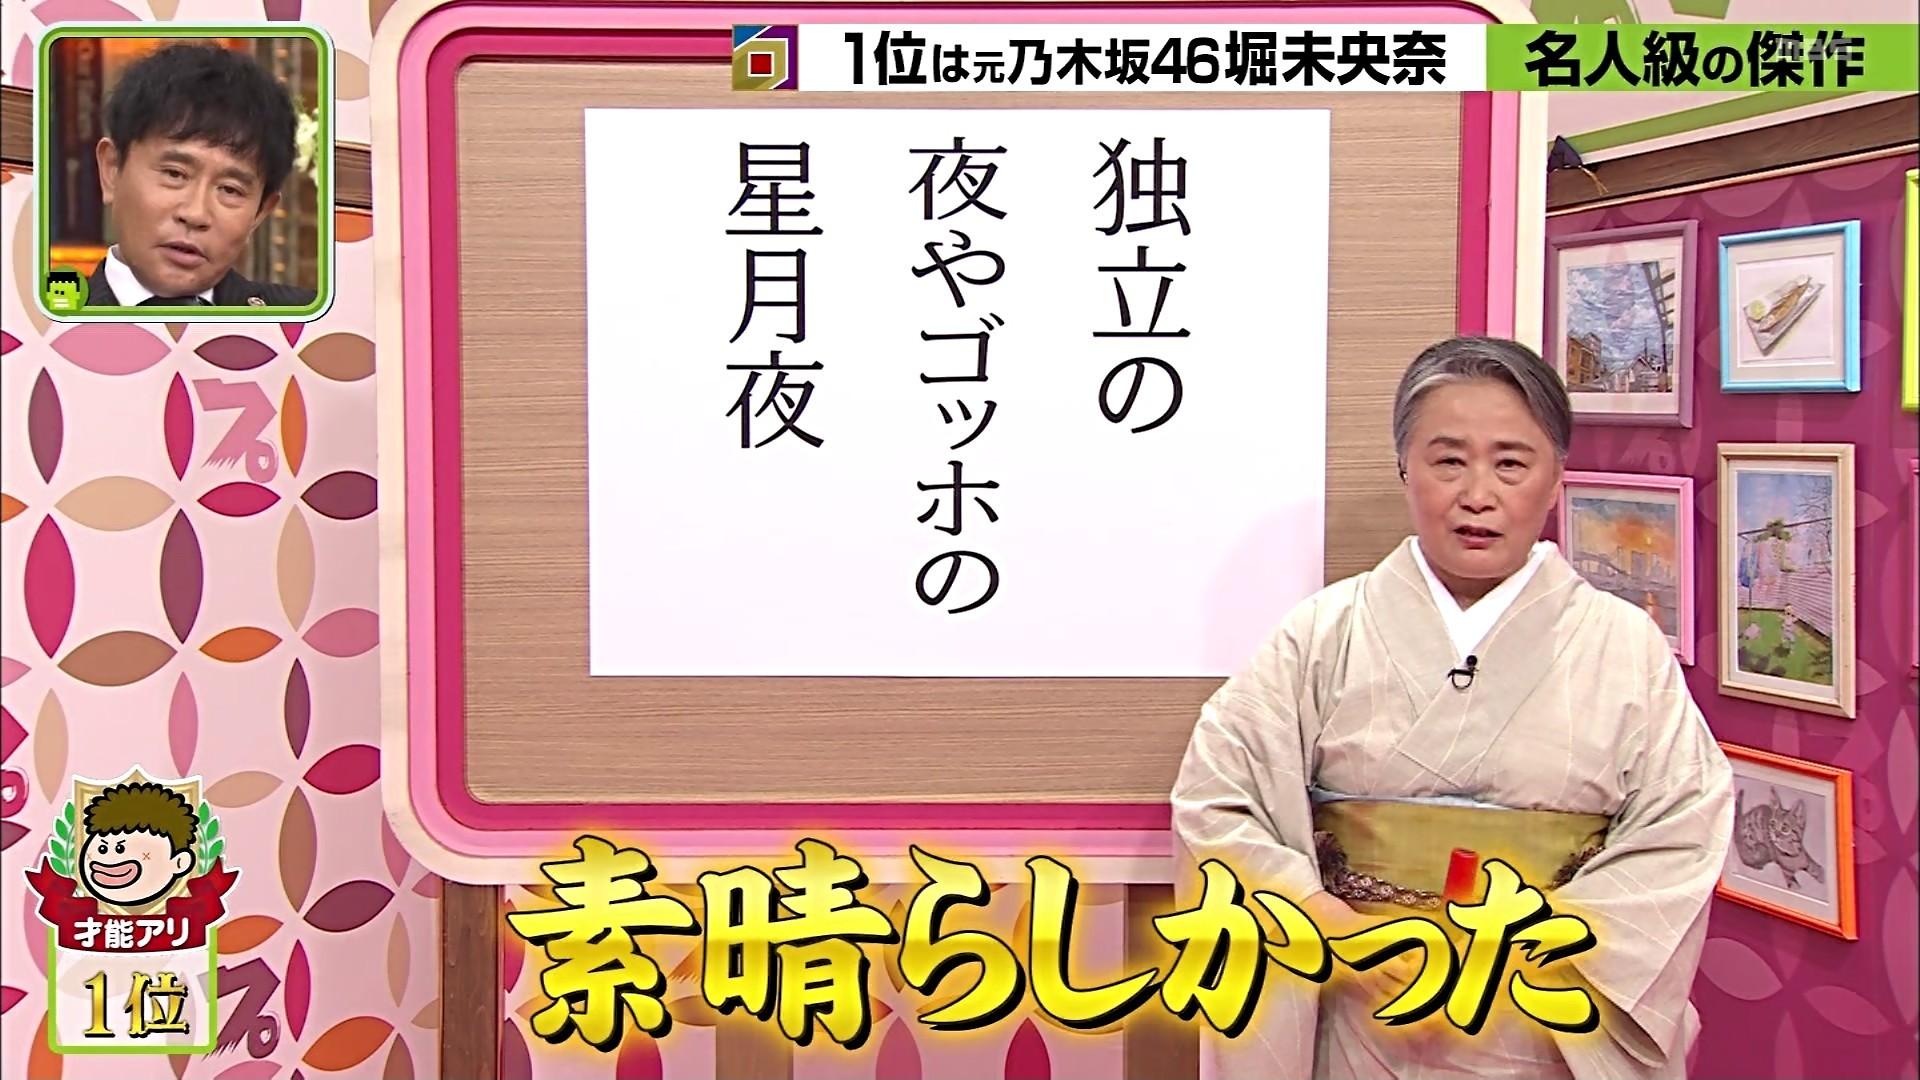 プレバト 堀未央奈 俳句6